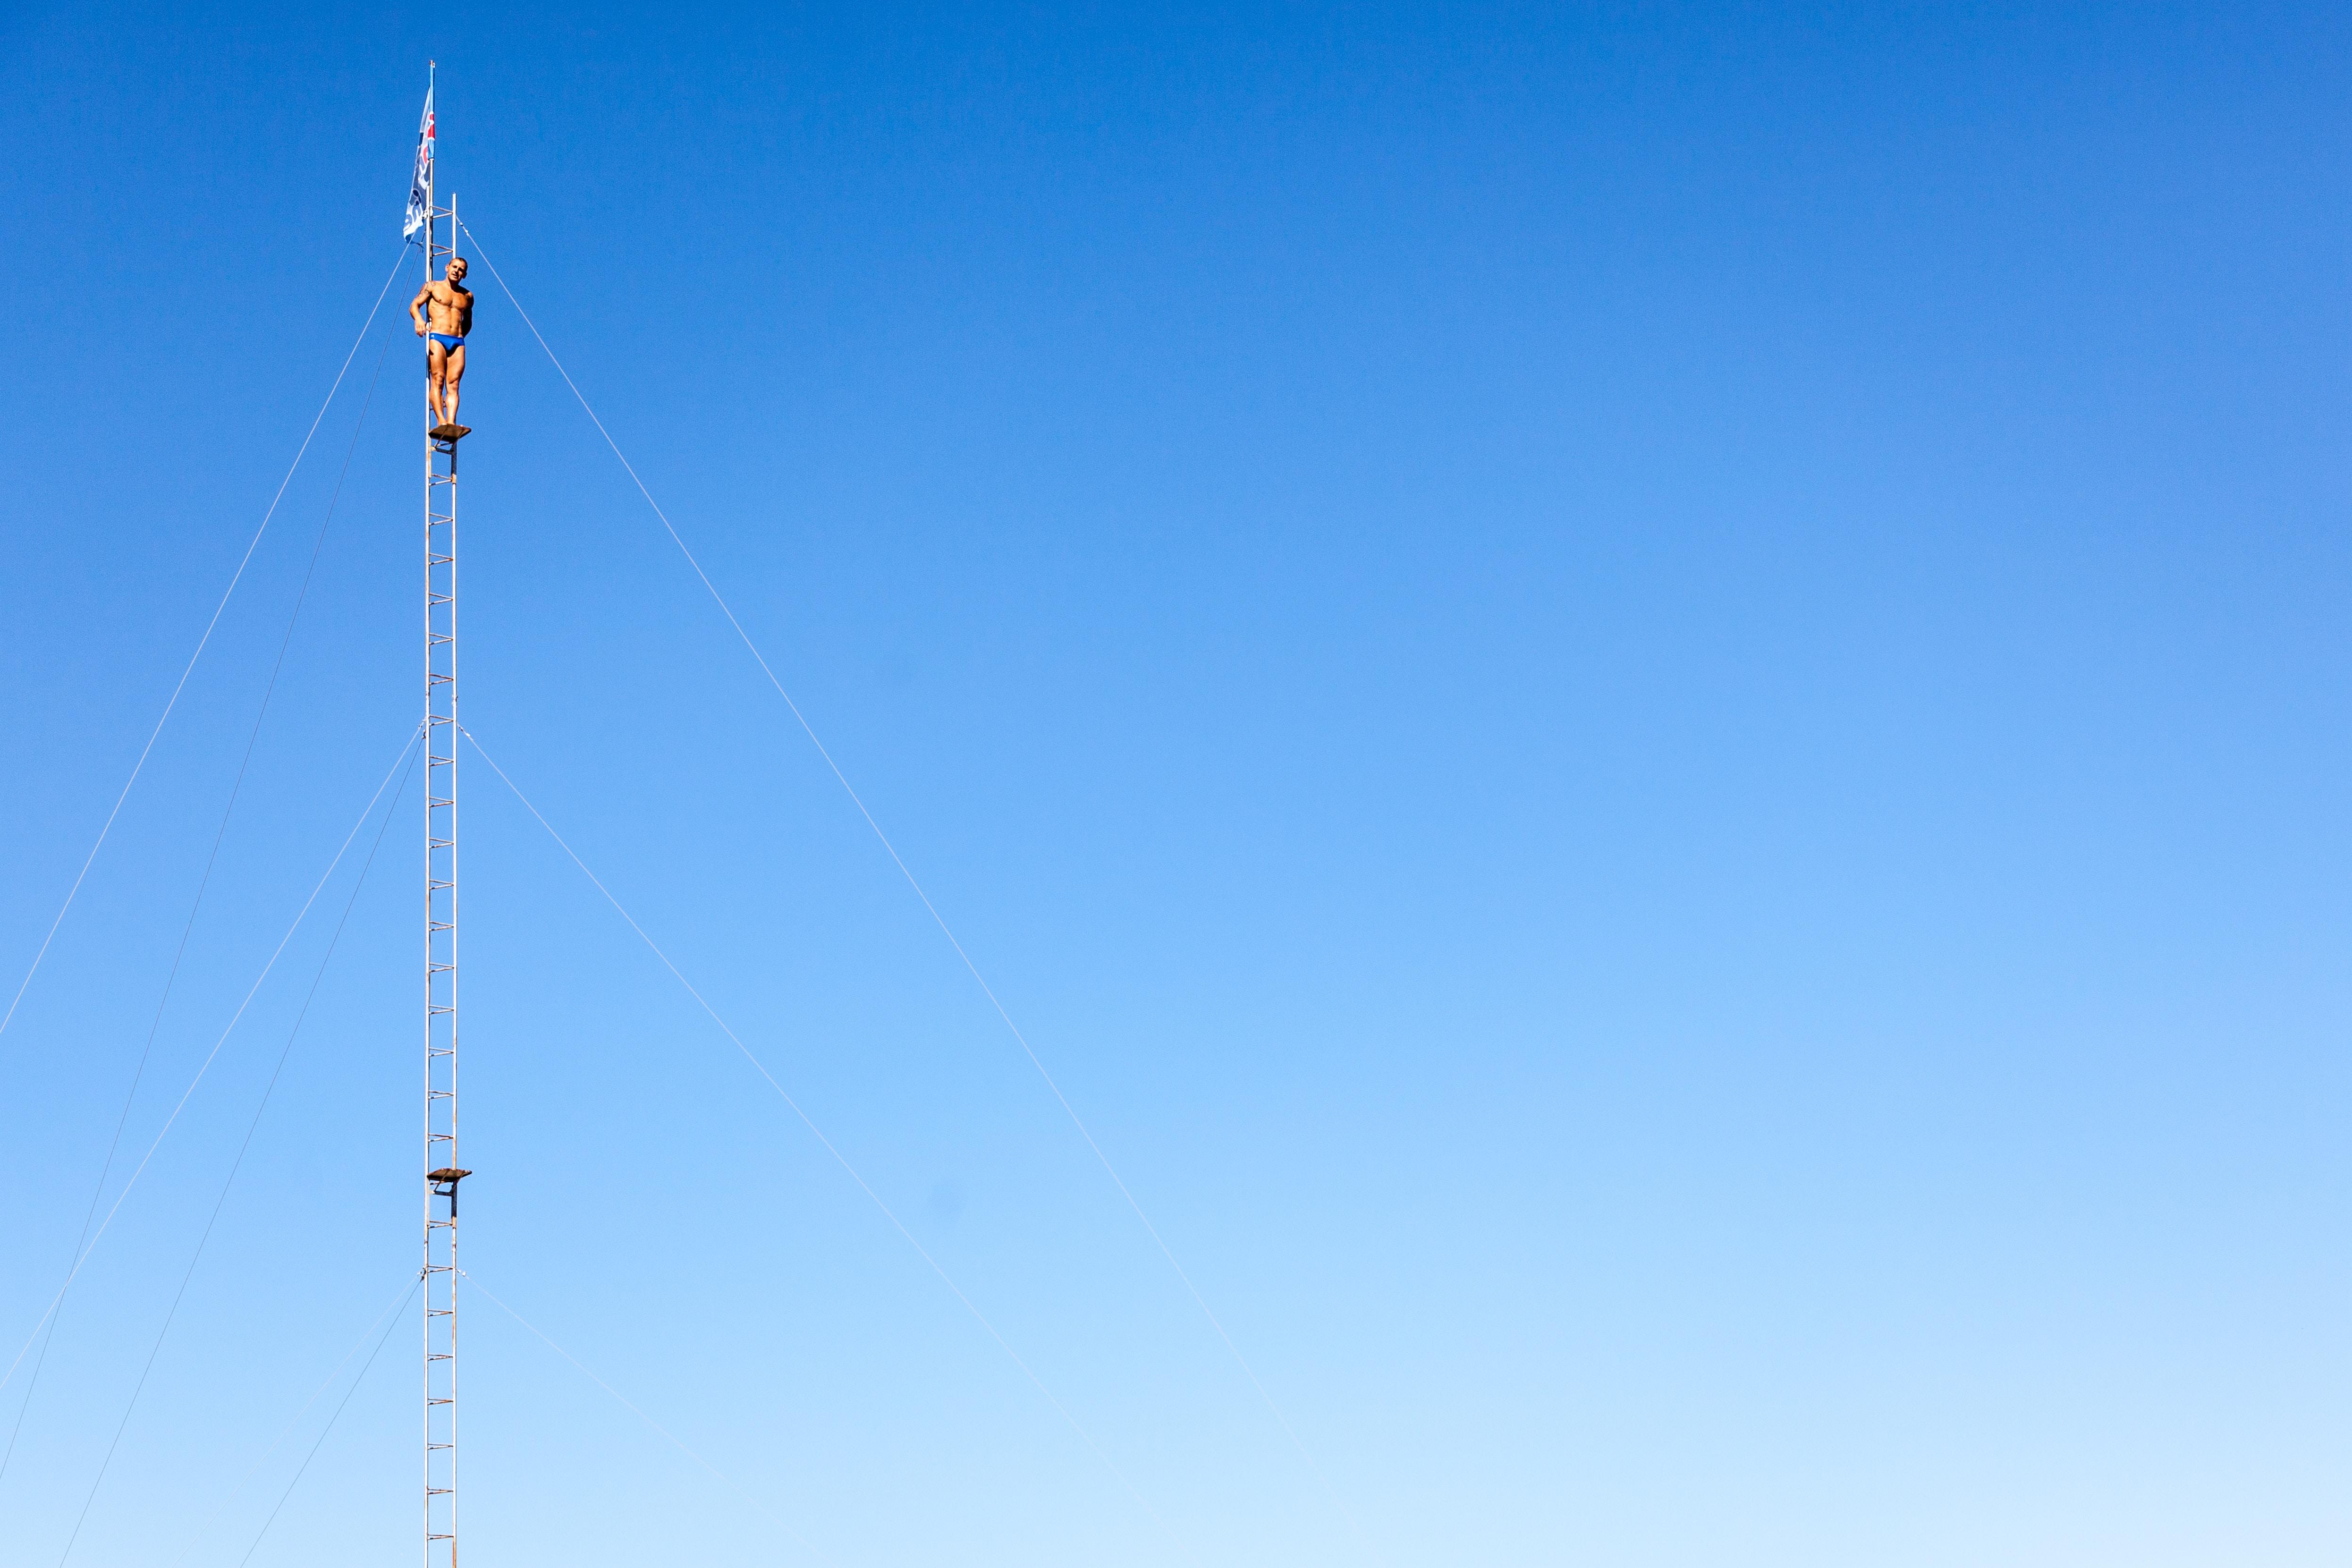 man wearing blue brief standing ladder